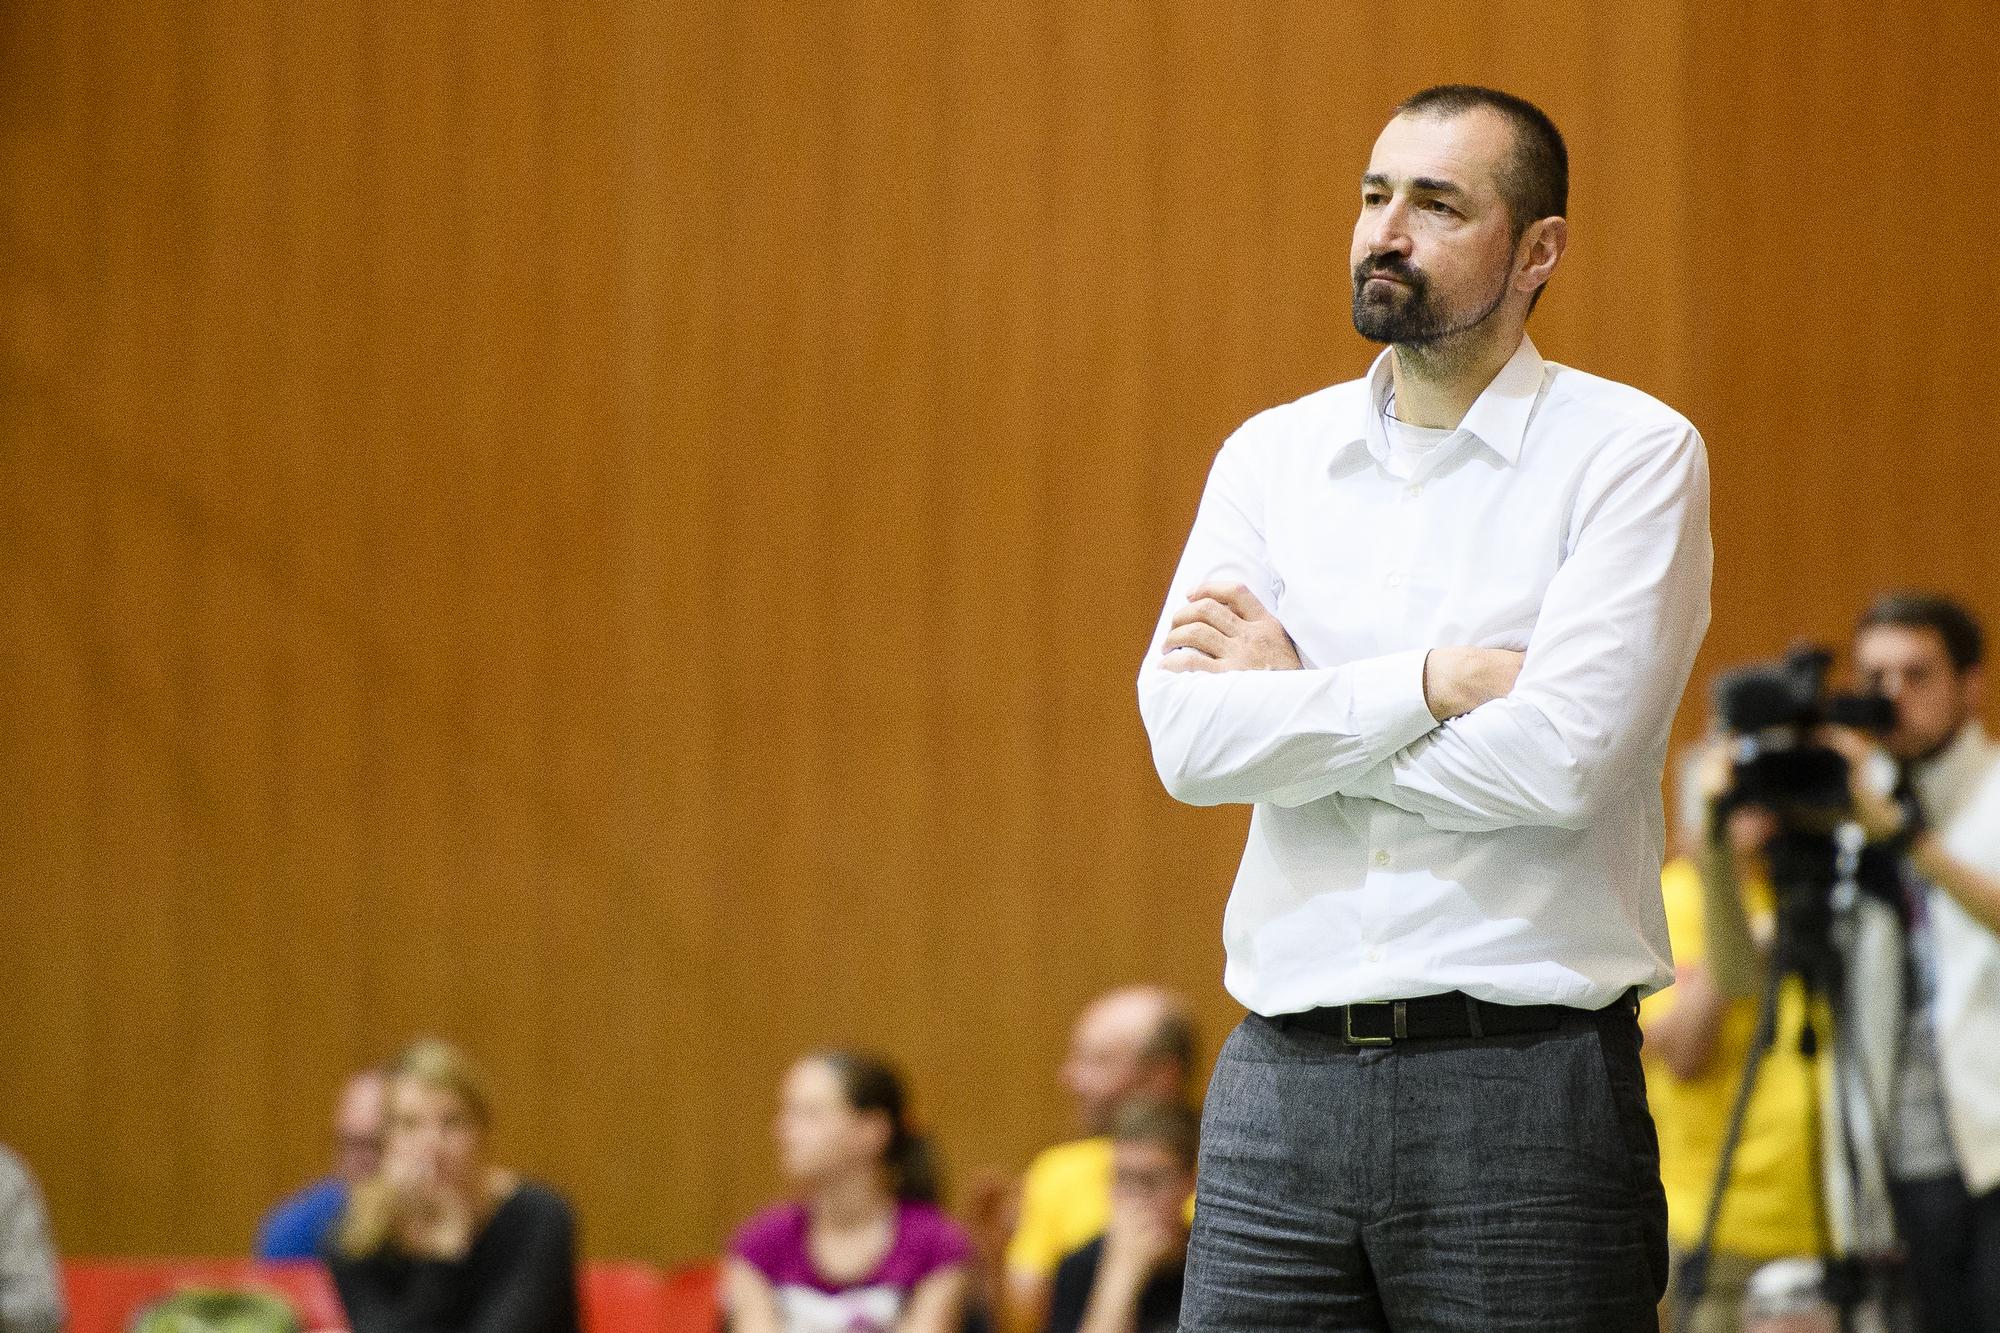 SCHWEIZ BASKETBALL PLAYOFF NEUCHATEL FRIBOURG